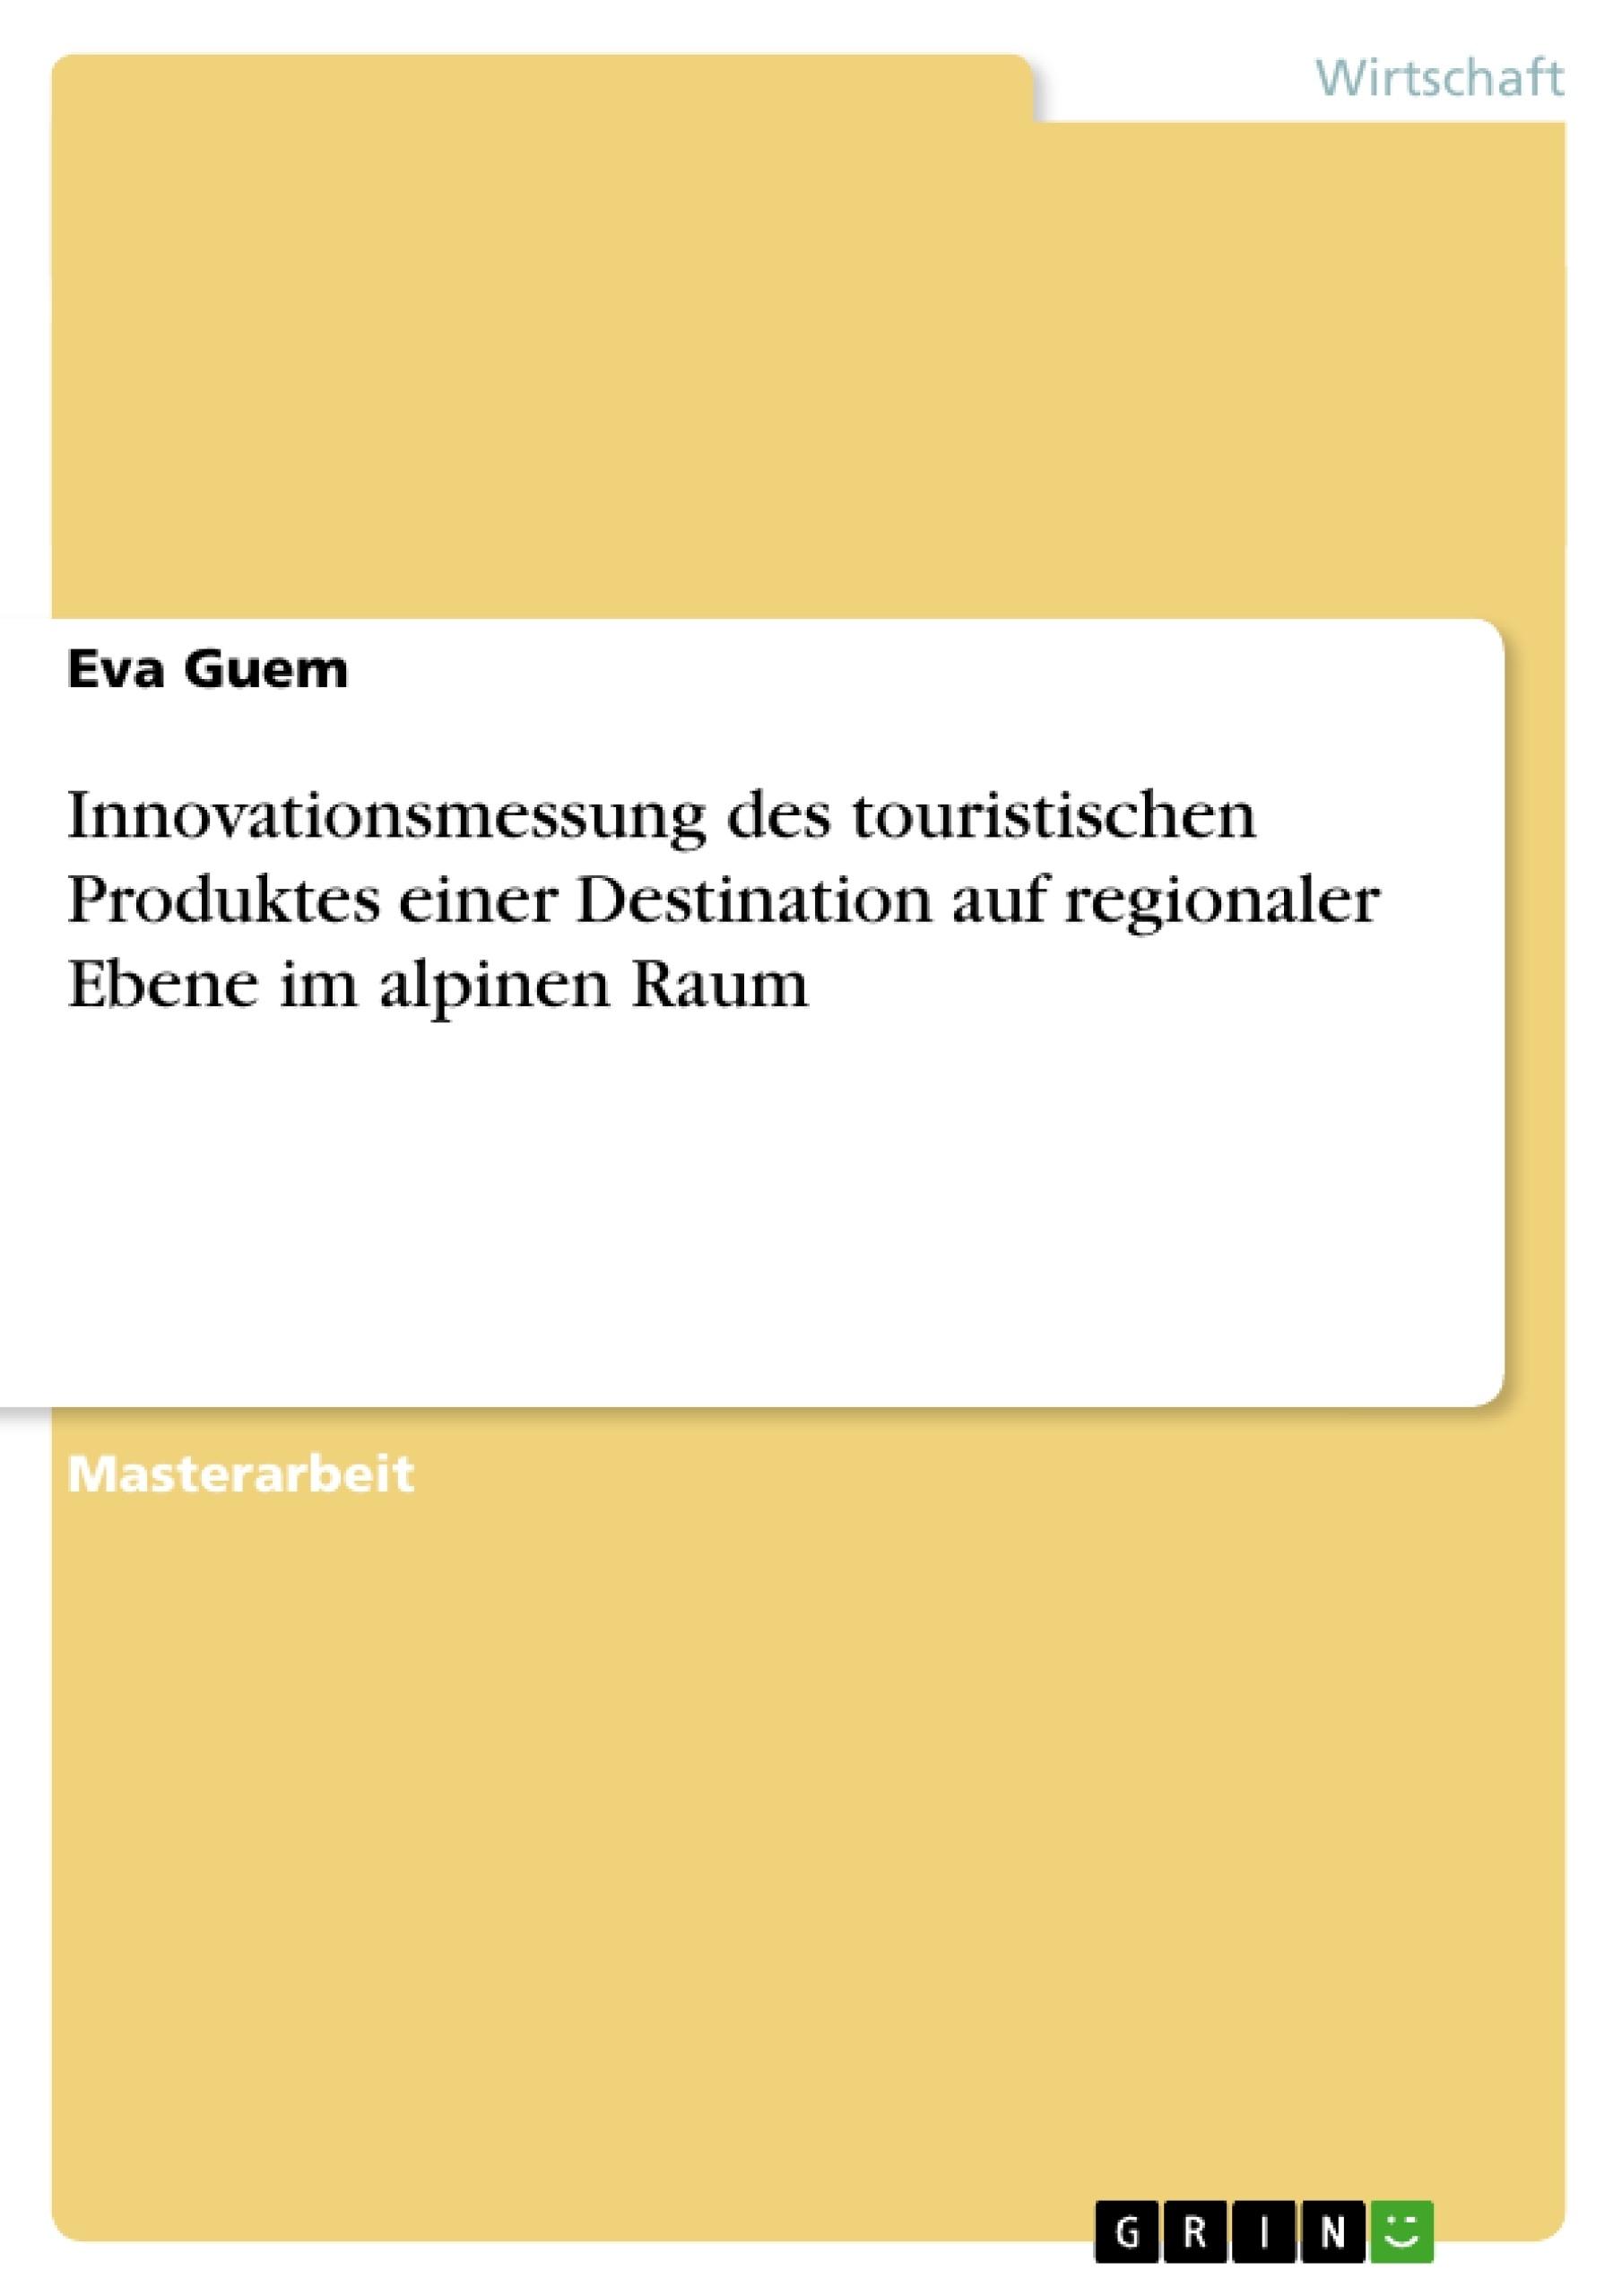 Titel: Innovationsmessung des touristischen Produktes einer Destination auf regionaler Ebene im alpinen Raum